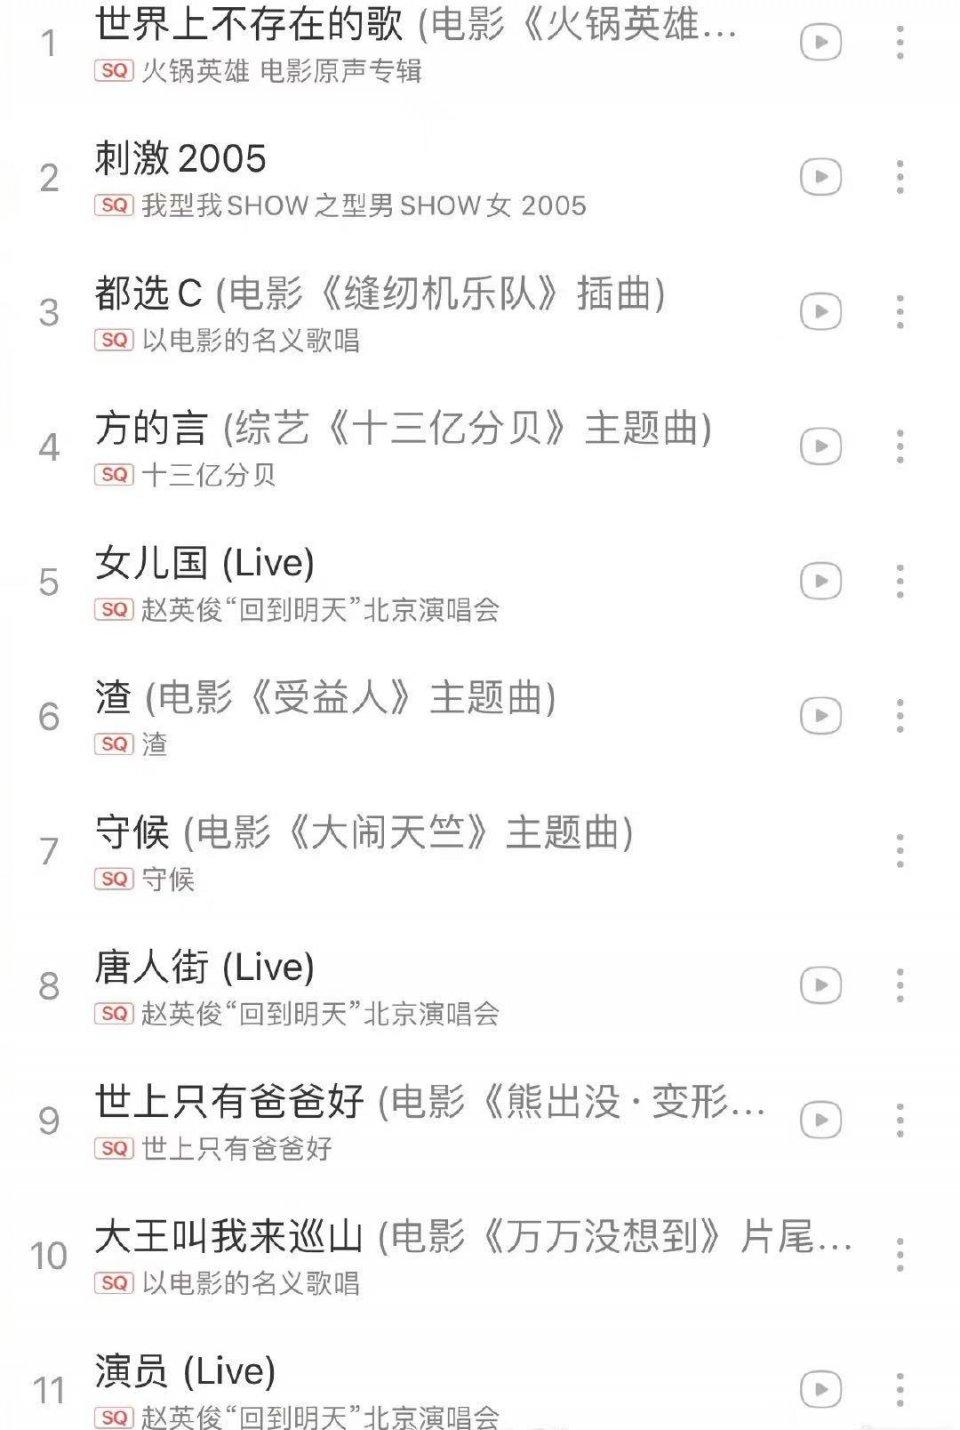 歌手赵英俊去世,损失最大的是电影圈?配乐的电影票房超110亿